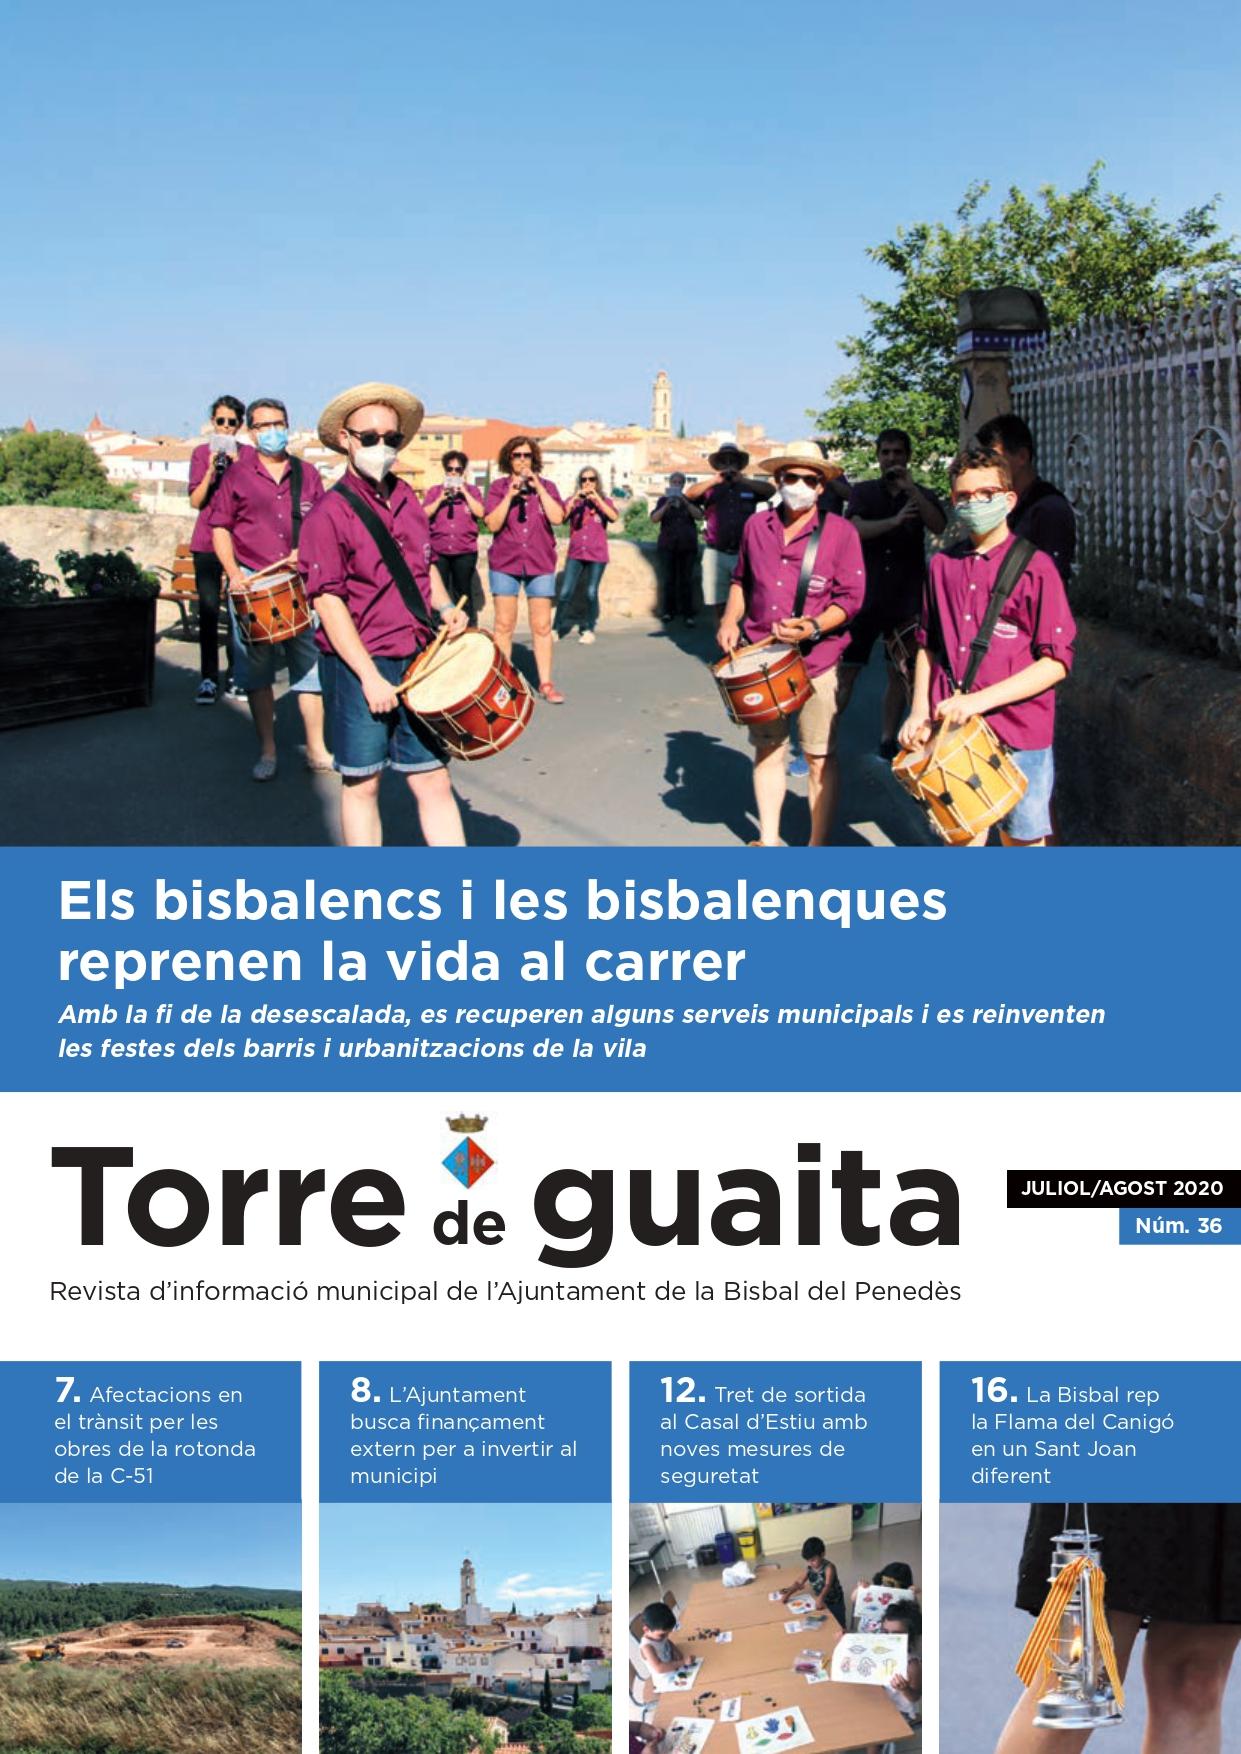 Ja s'ha publicat l'edició dels mesos de juliol i agost de 2020 de la revista municipal Torre de Guaita